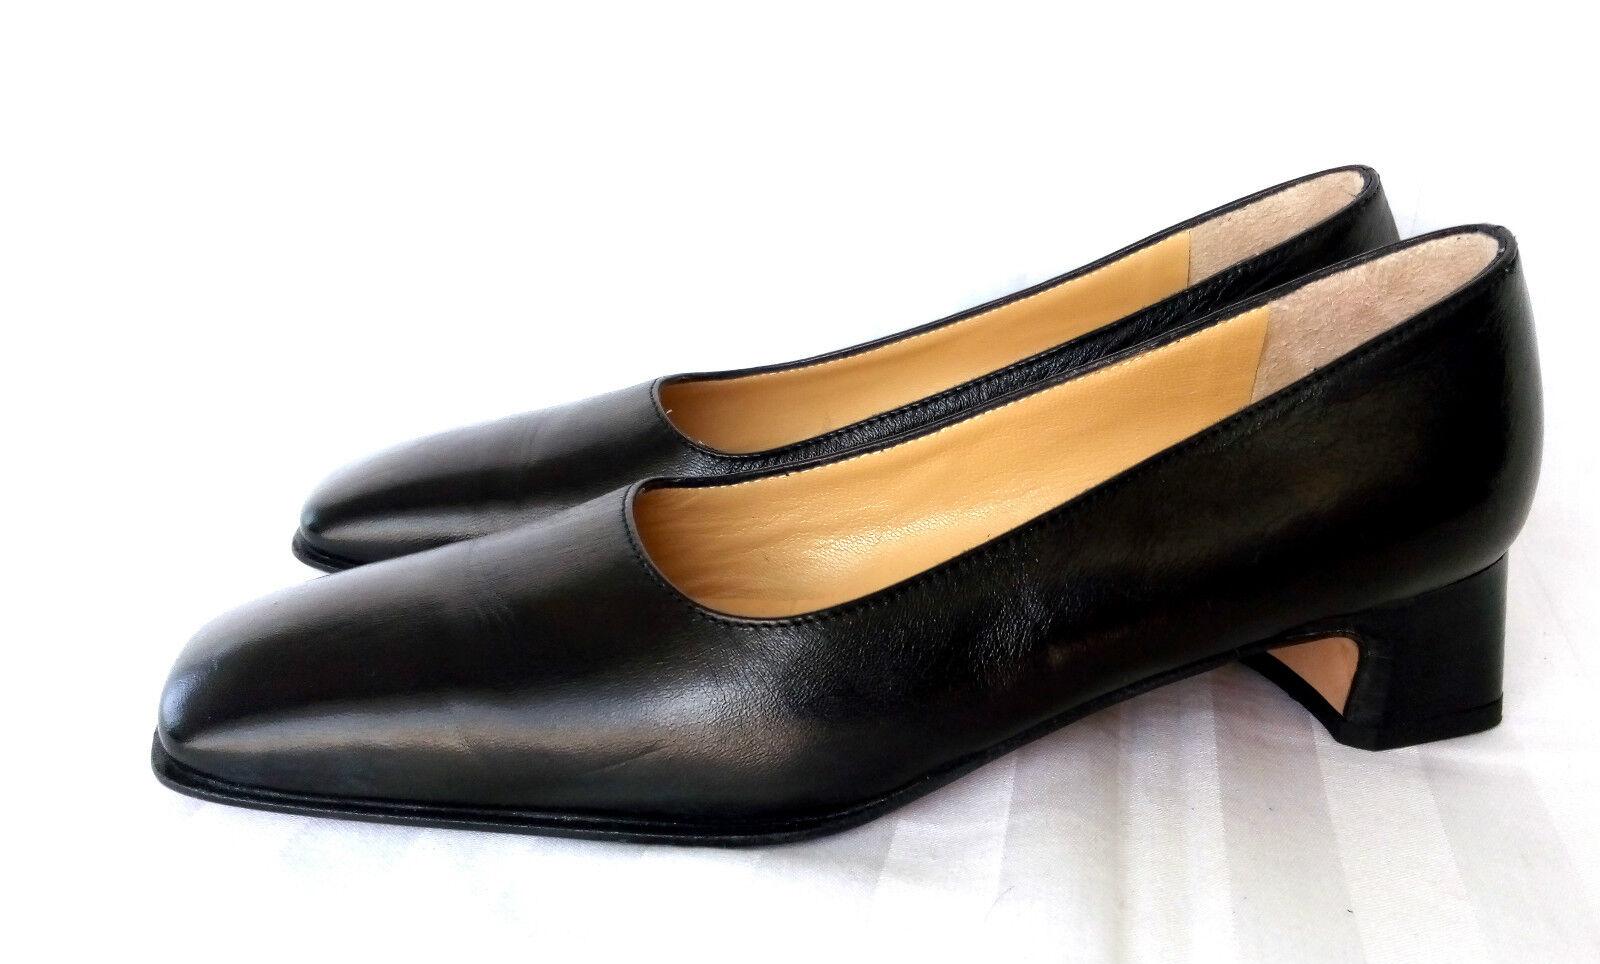 in vendita Solo Moda Tacco Alto Pumps picconi Scarpe Scarpe Scarpe Scarpe Da Donna Pelle Nero Mis. 38 come nuovo  negozio online